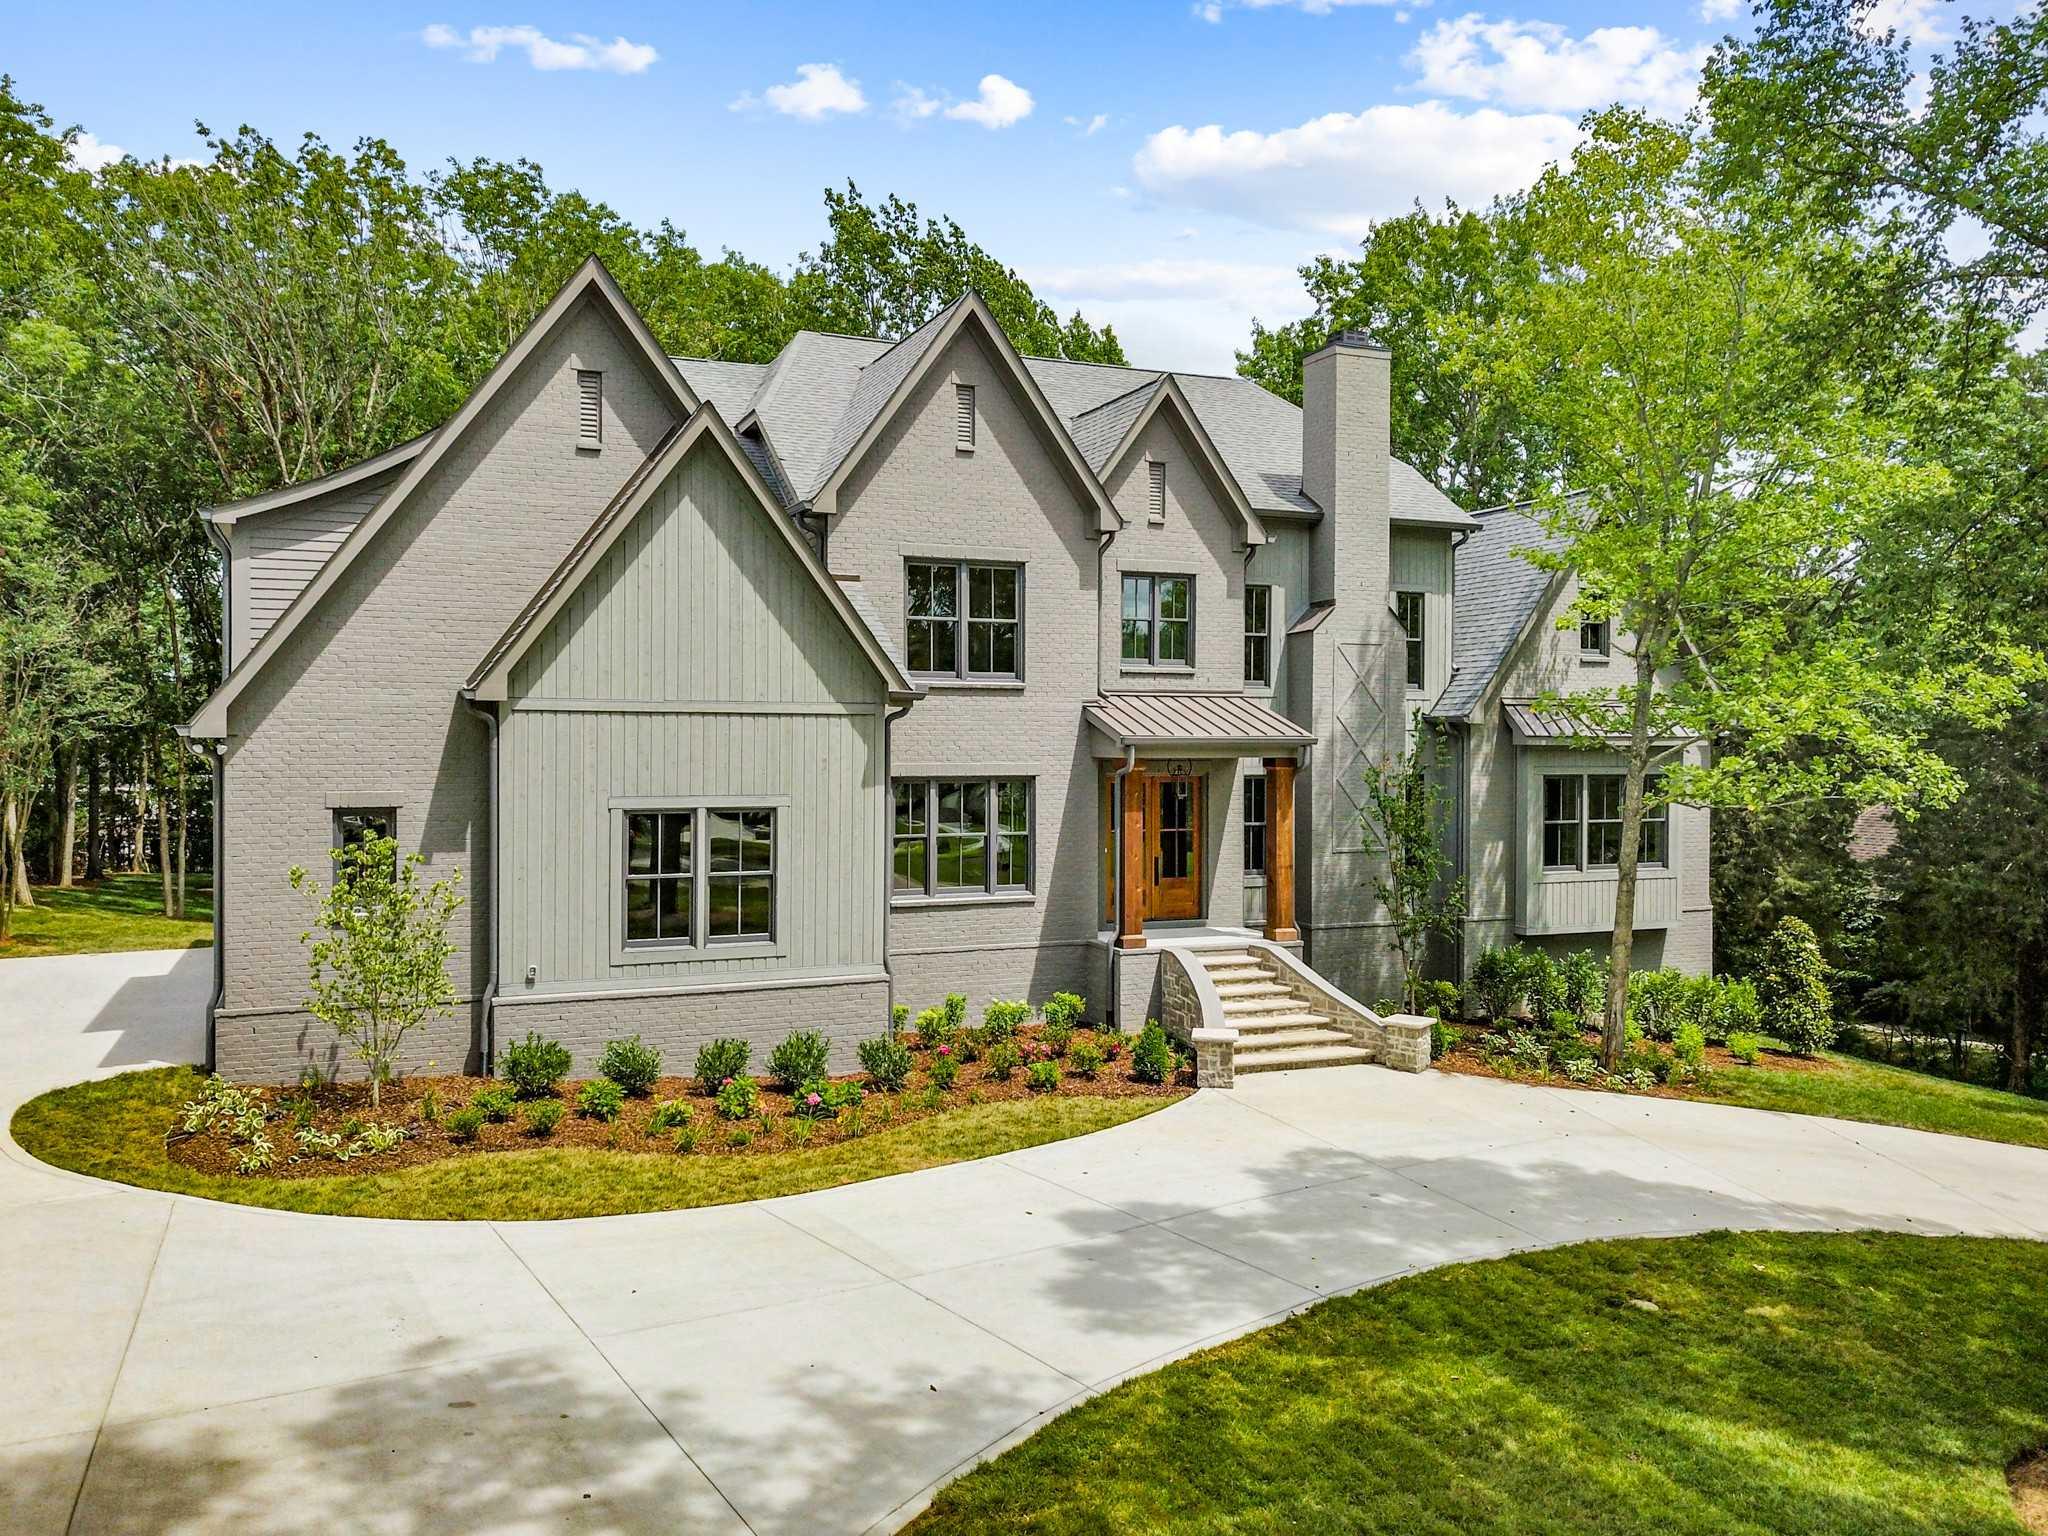 $2,990,000 - 6Br/8Ba -  for Sale in Green Hills, Nashville